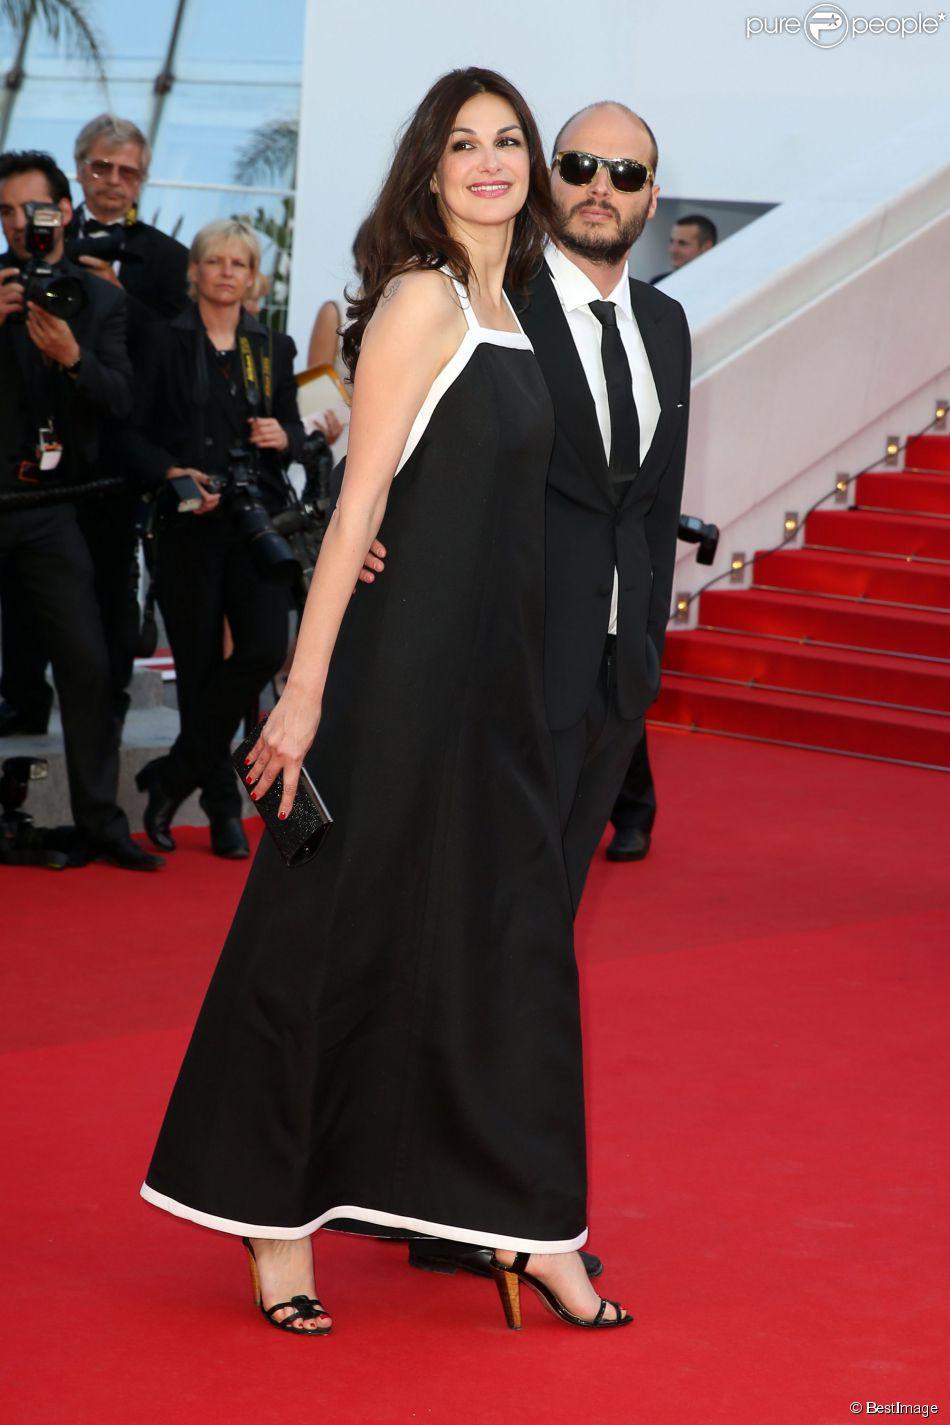 """Helena Noguerra et son compagnon Fabrice Du Welz - Montée des marches du film """"Sils Maria"""" lors du 67e Festival du film de Cannes le 23 mai 2014"""